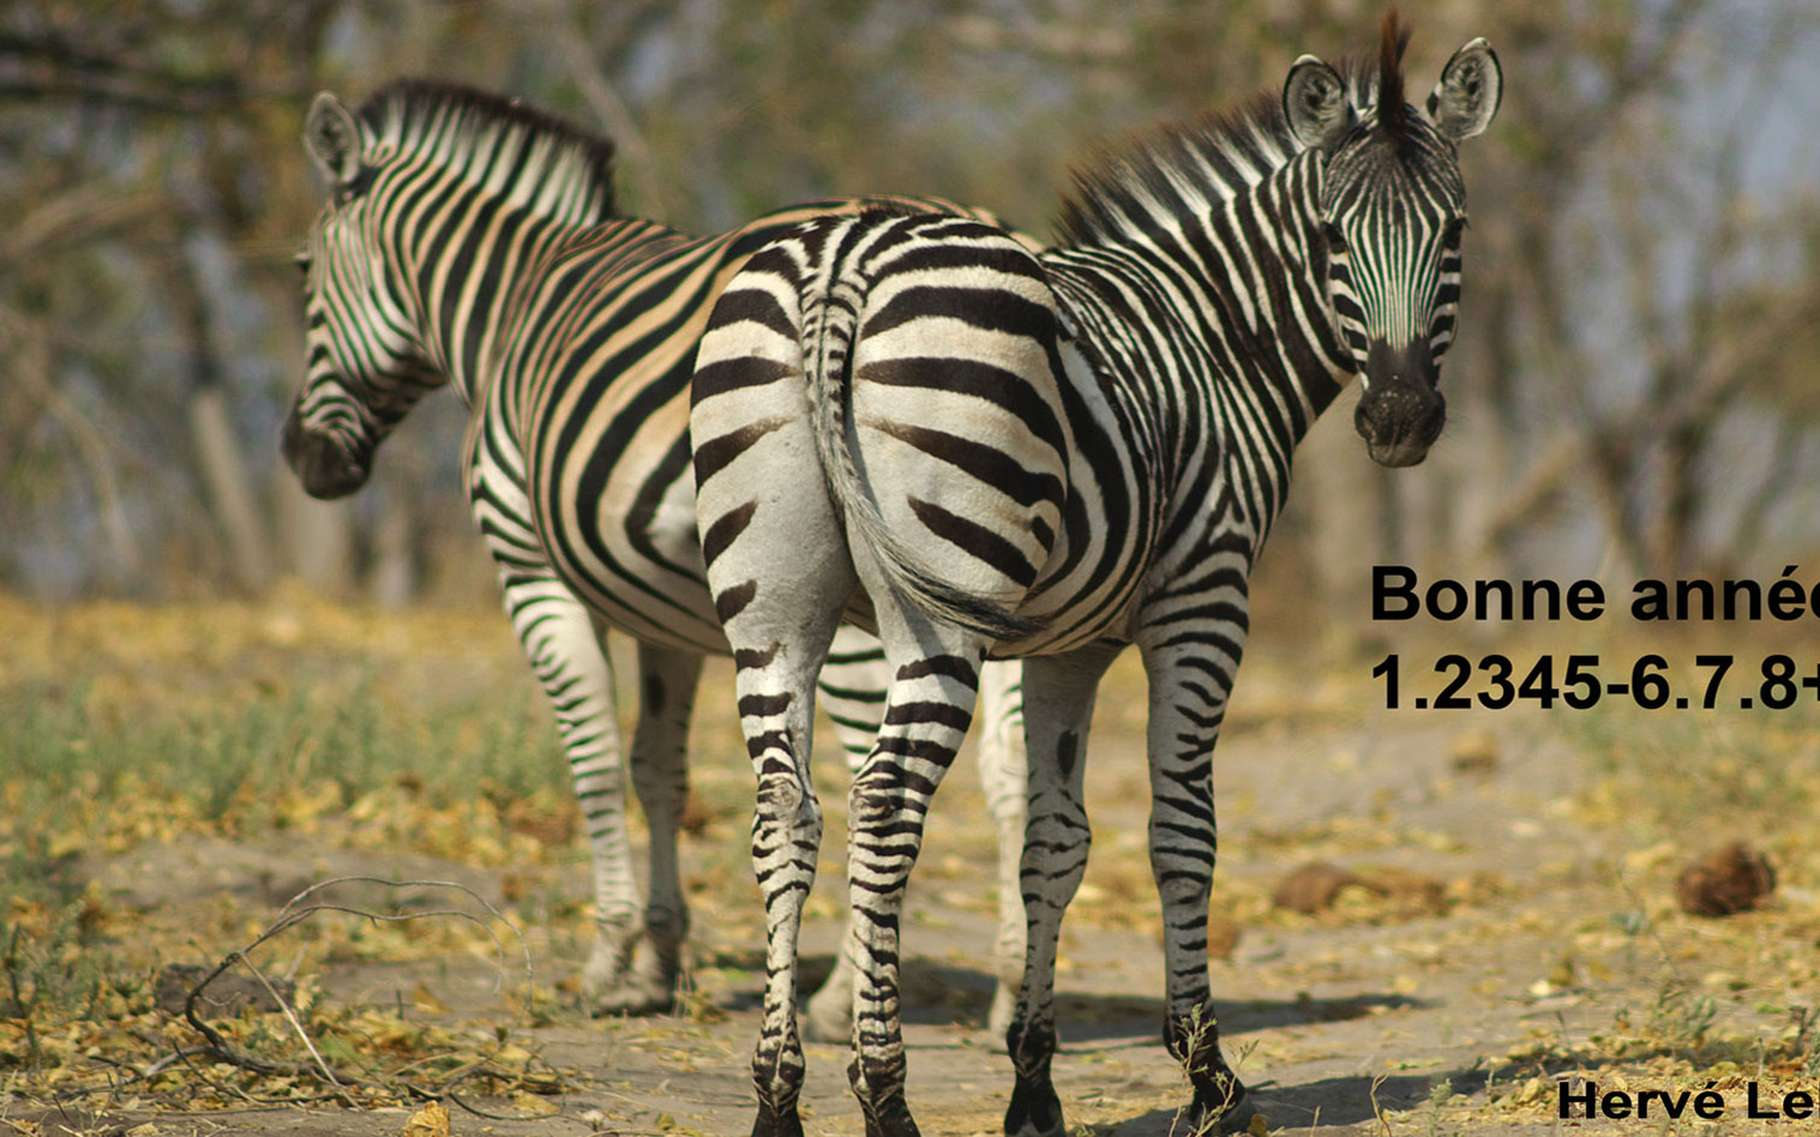 Zèbres dans une région sauvage du Botswana. © Hervé Lehning, DR